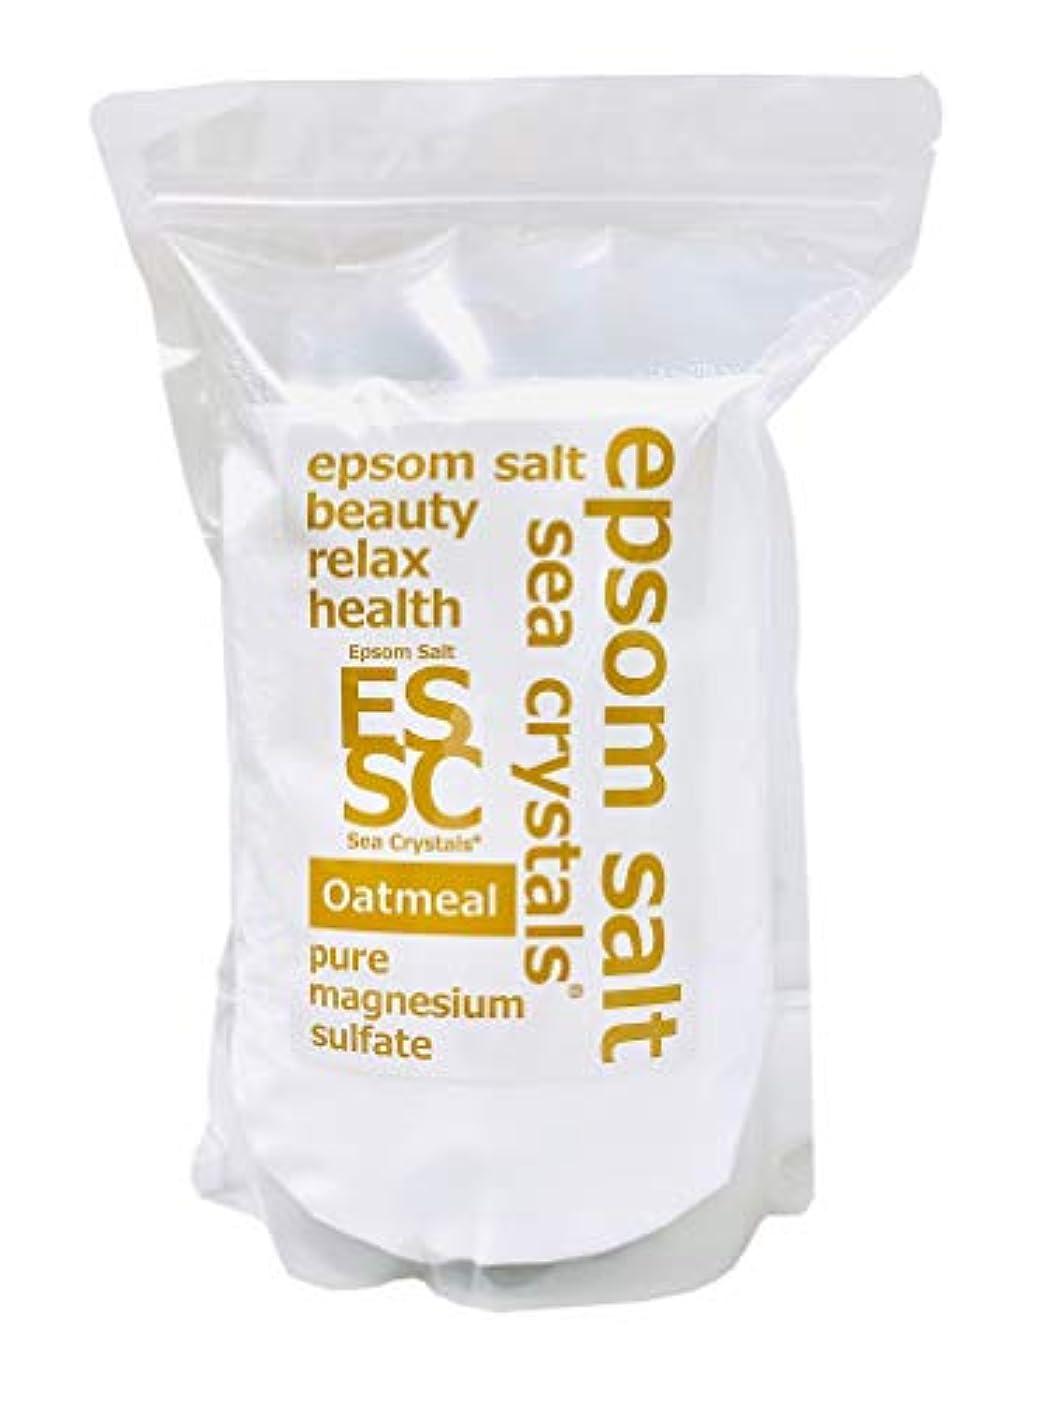 一杯教義不満【Amazon.co.jp限定】 Sea Crystals(シークリスタルス) オートミールバス 入浴剤 White 2.2kg